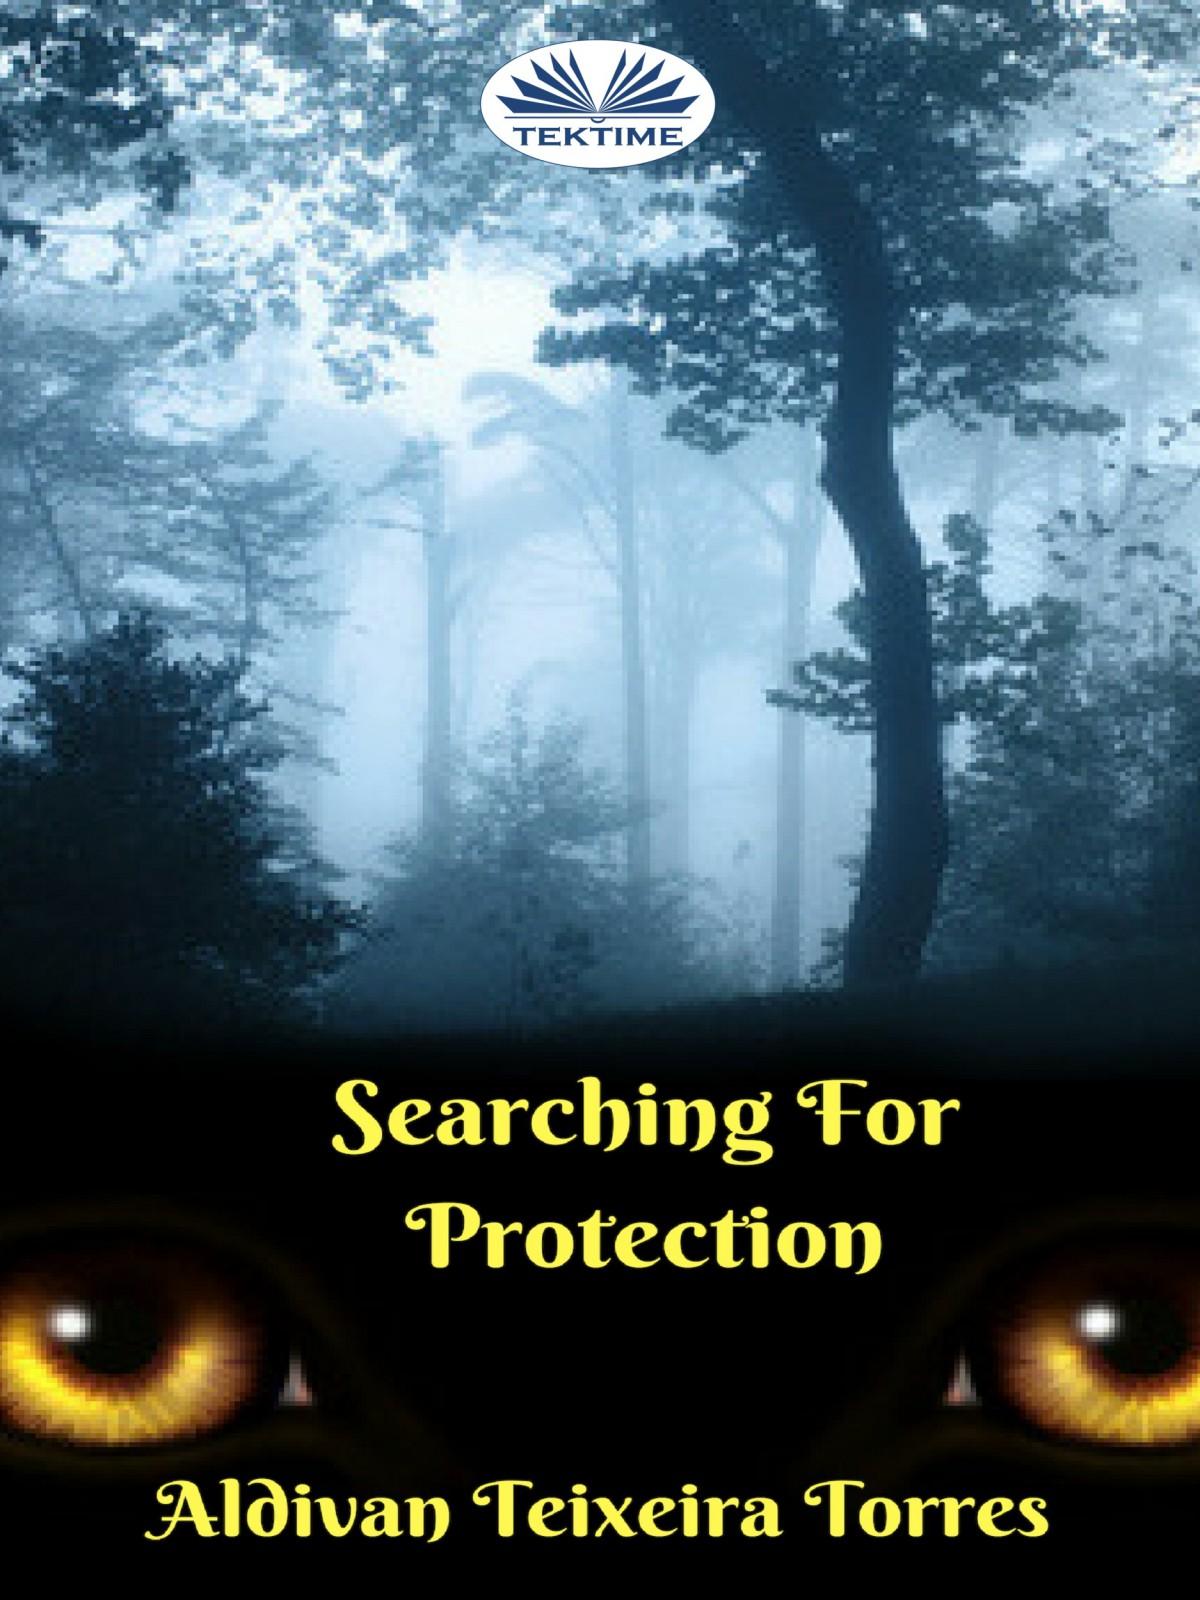 Aldivan Teixeira Torres Buscando Protección lucien liroy descubre todo el poder que hay en ti